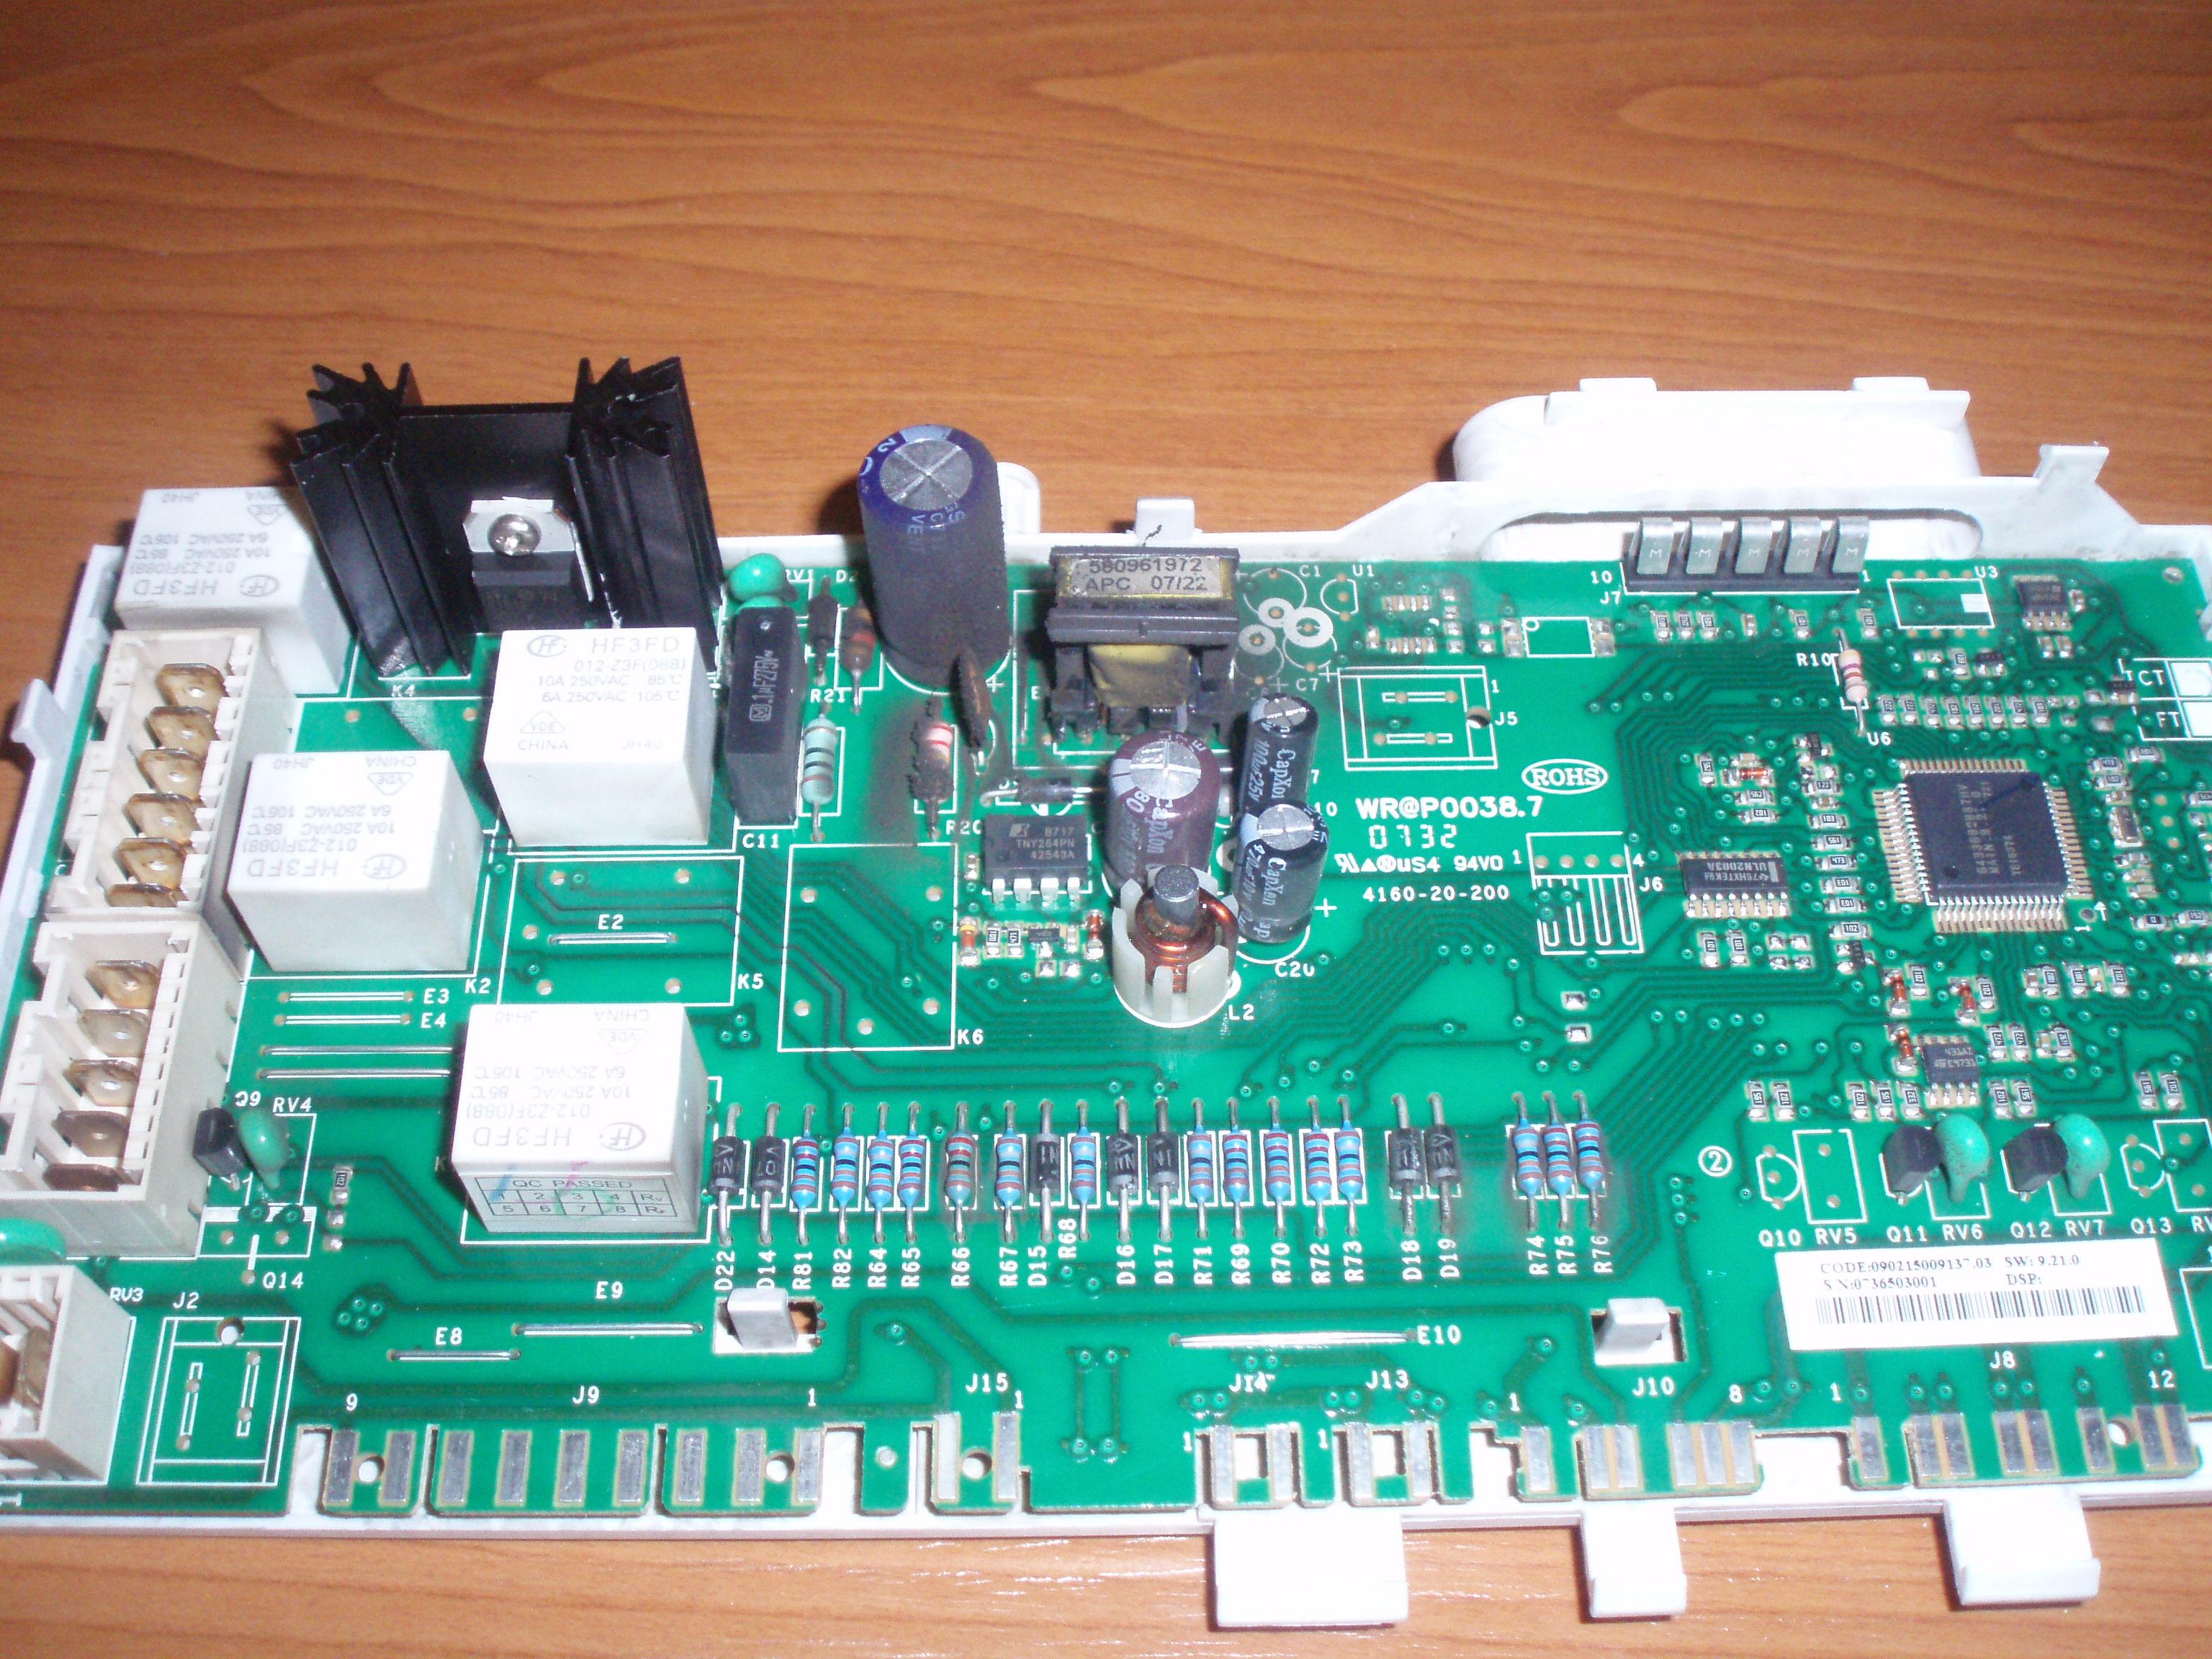 Indesit WITL90EU - zaczynaj� miga� wszystkie diody i nie reaguje na nic.